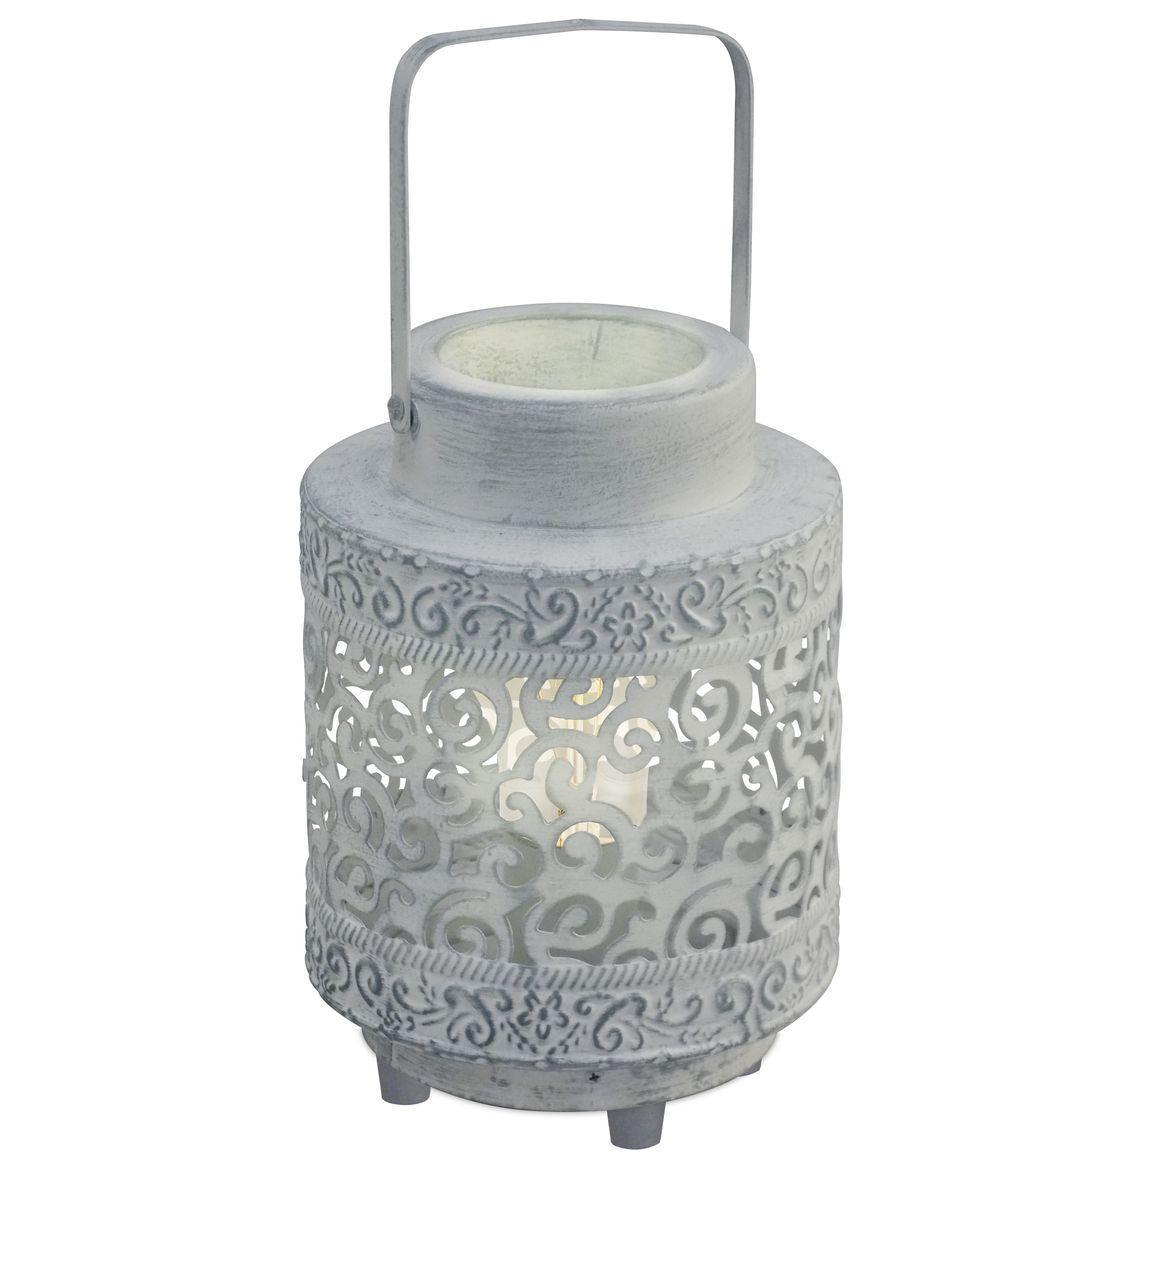 Настольная лампа Eglo Vintage 49275 eglo настольная лампа eglo vintage 49275